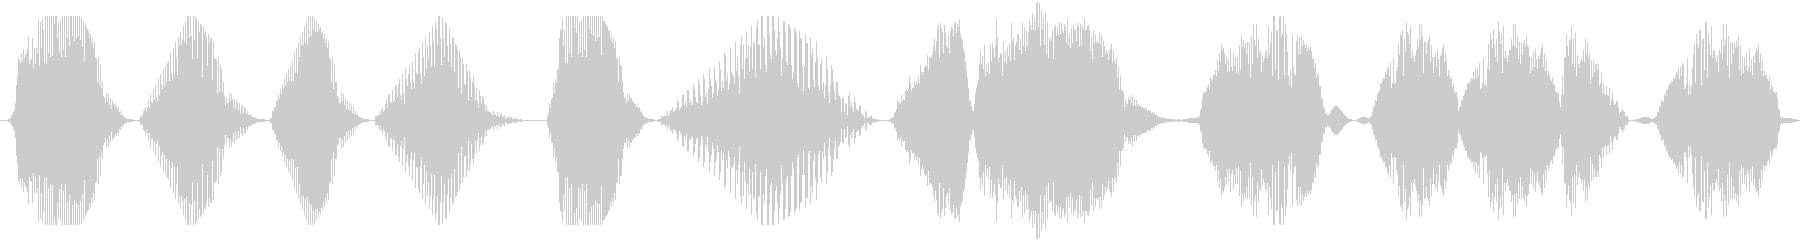 連続空間とロボット、低歪み音声、S...の未再生の波形